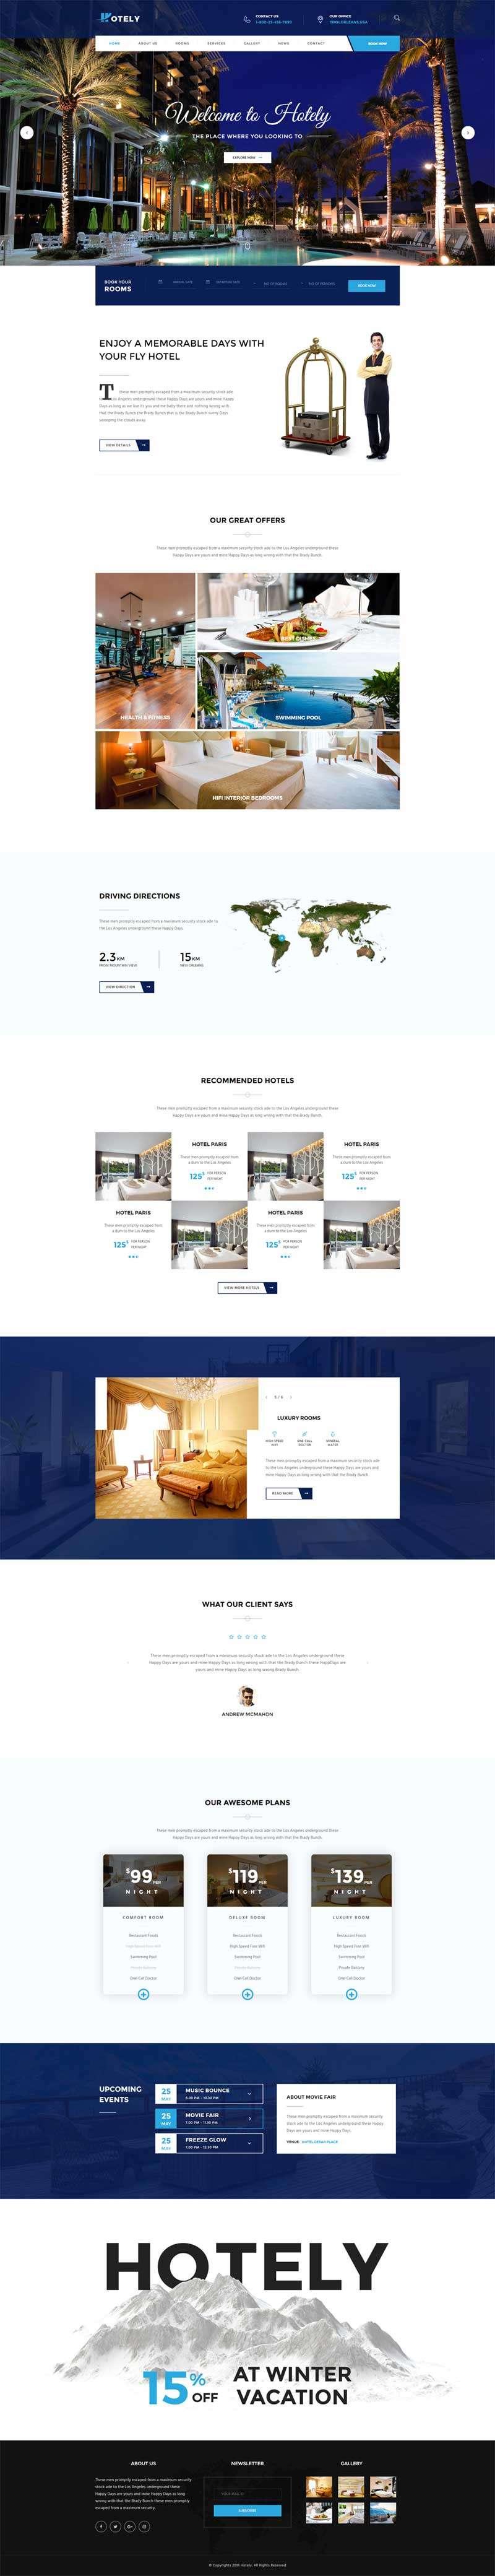 蓝色宽屏的度假酒店预订官网html模板